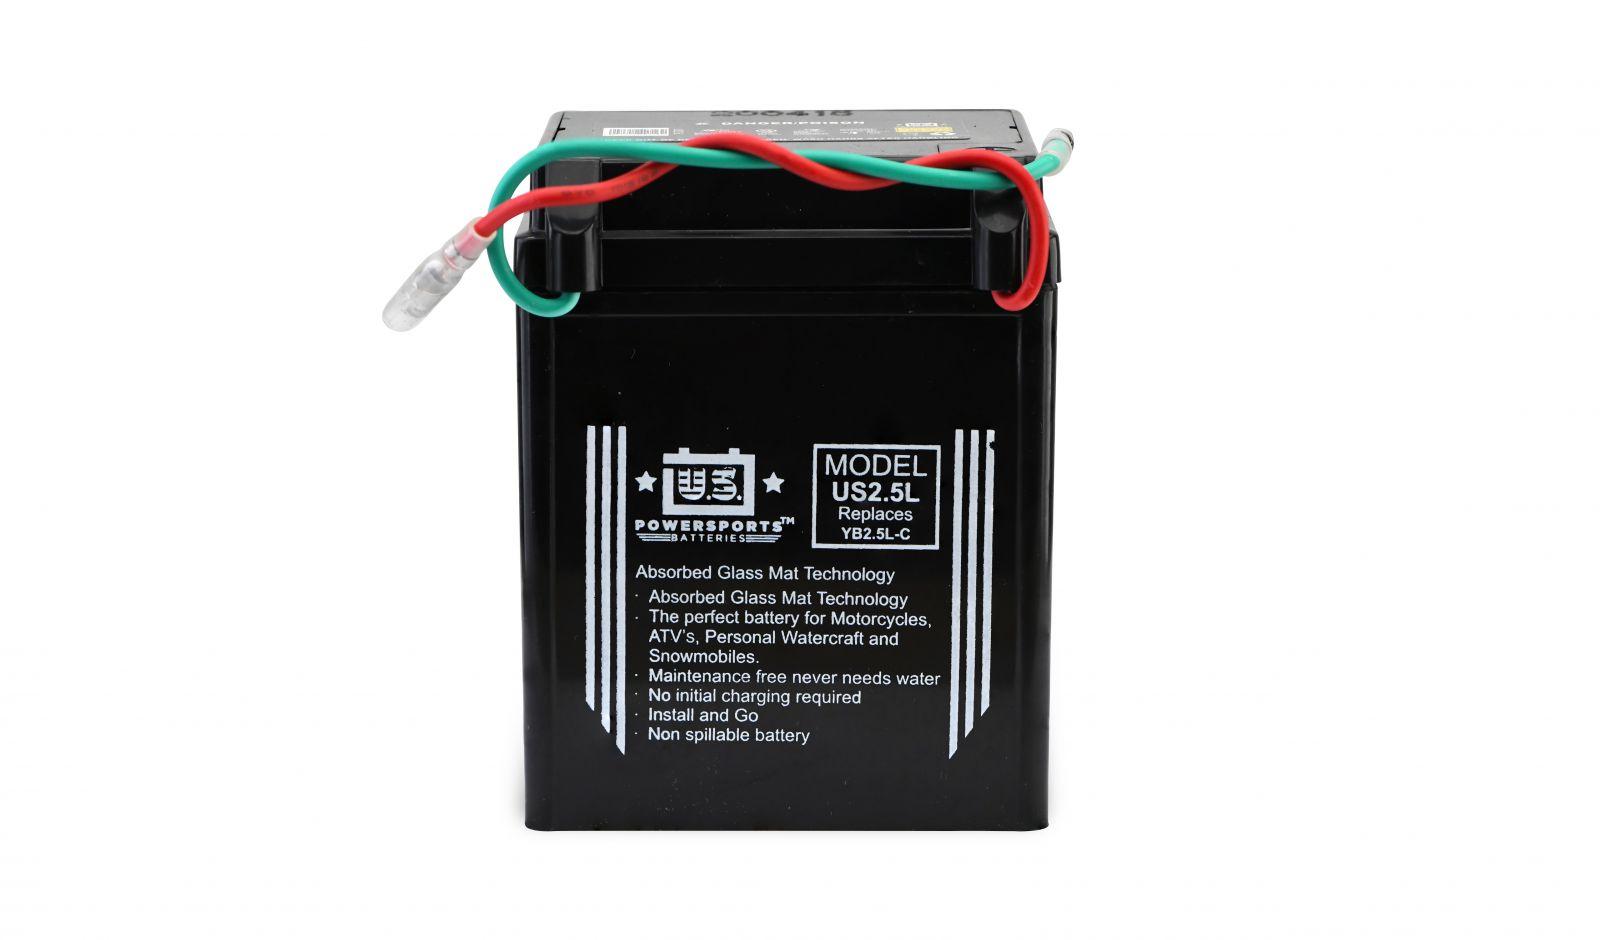 us powersports sealed battery - 501025U image